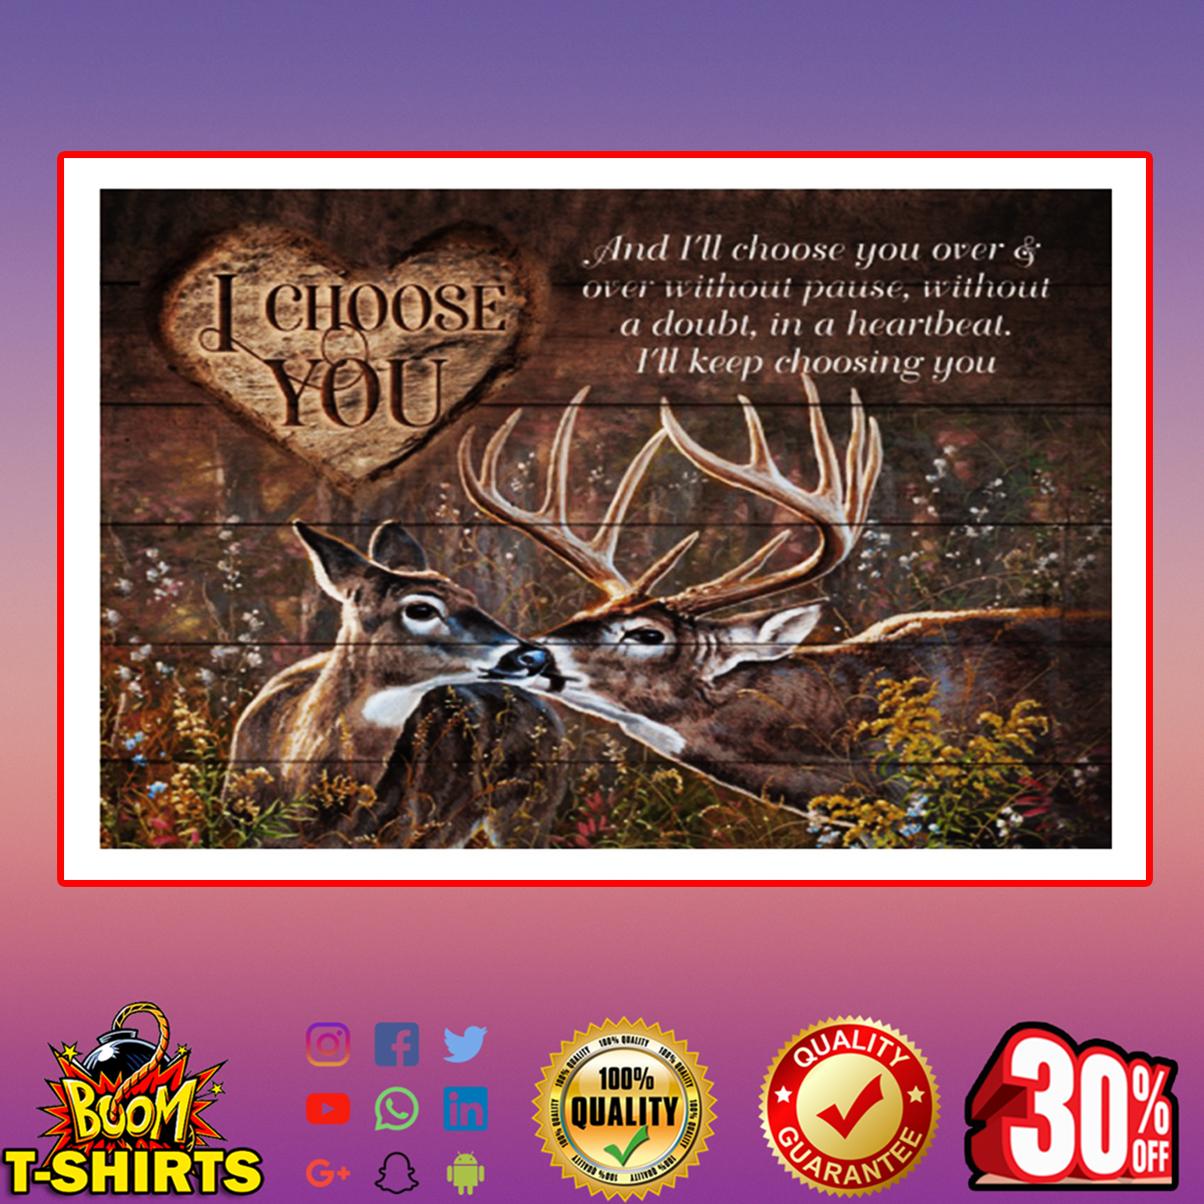 Deer I choose you poster 17x11